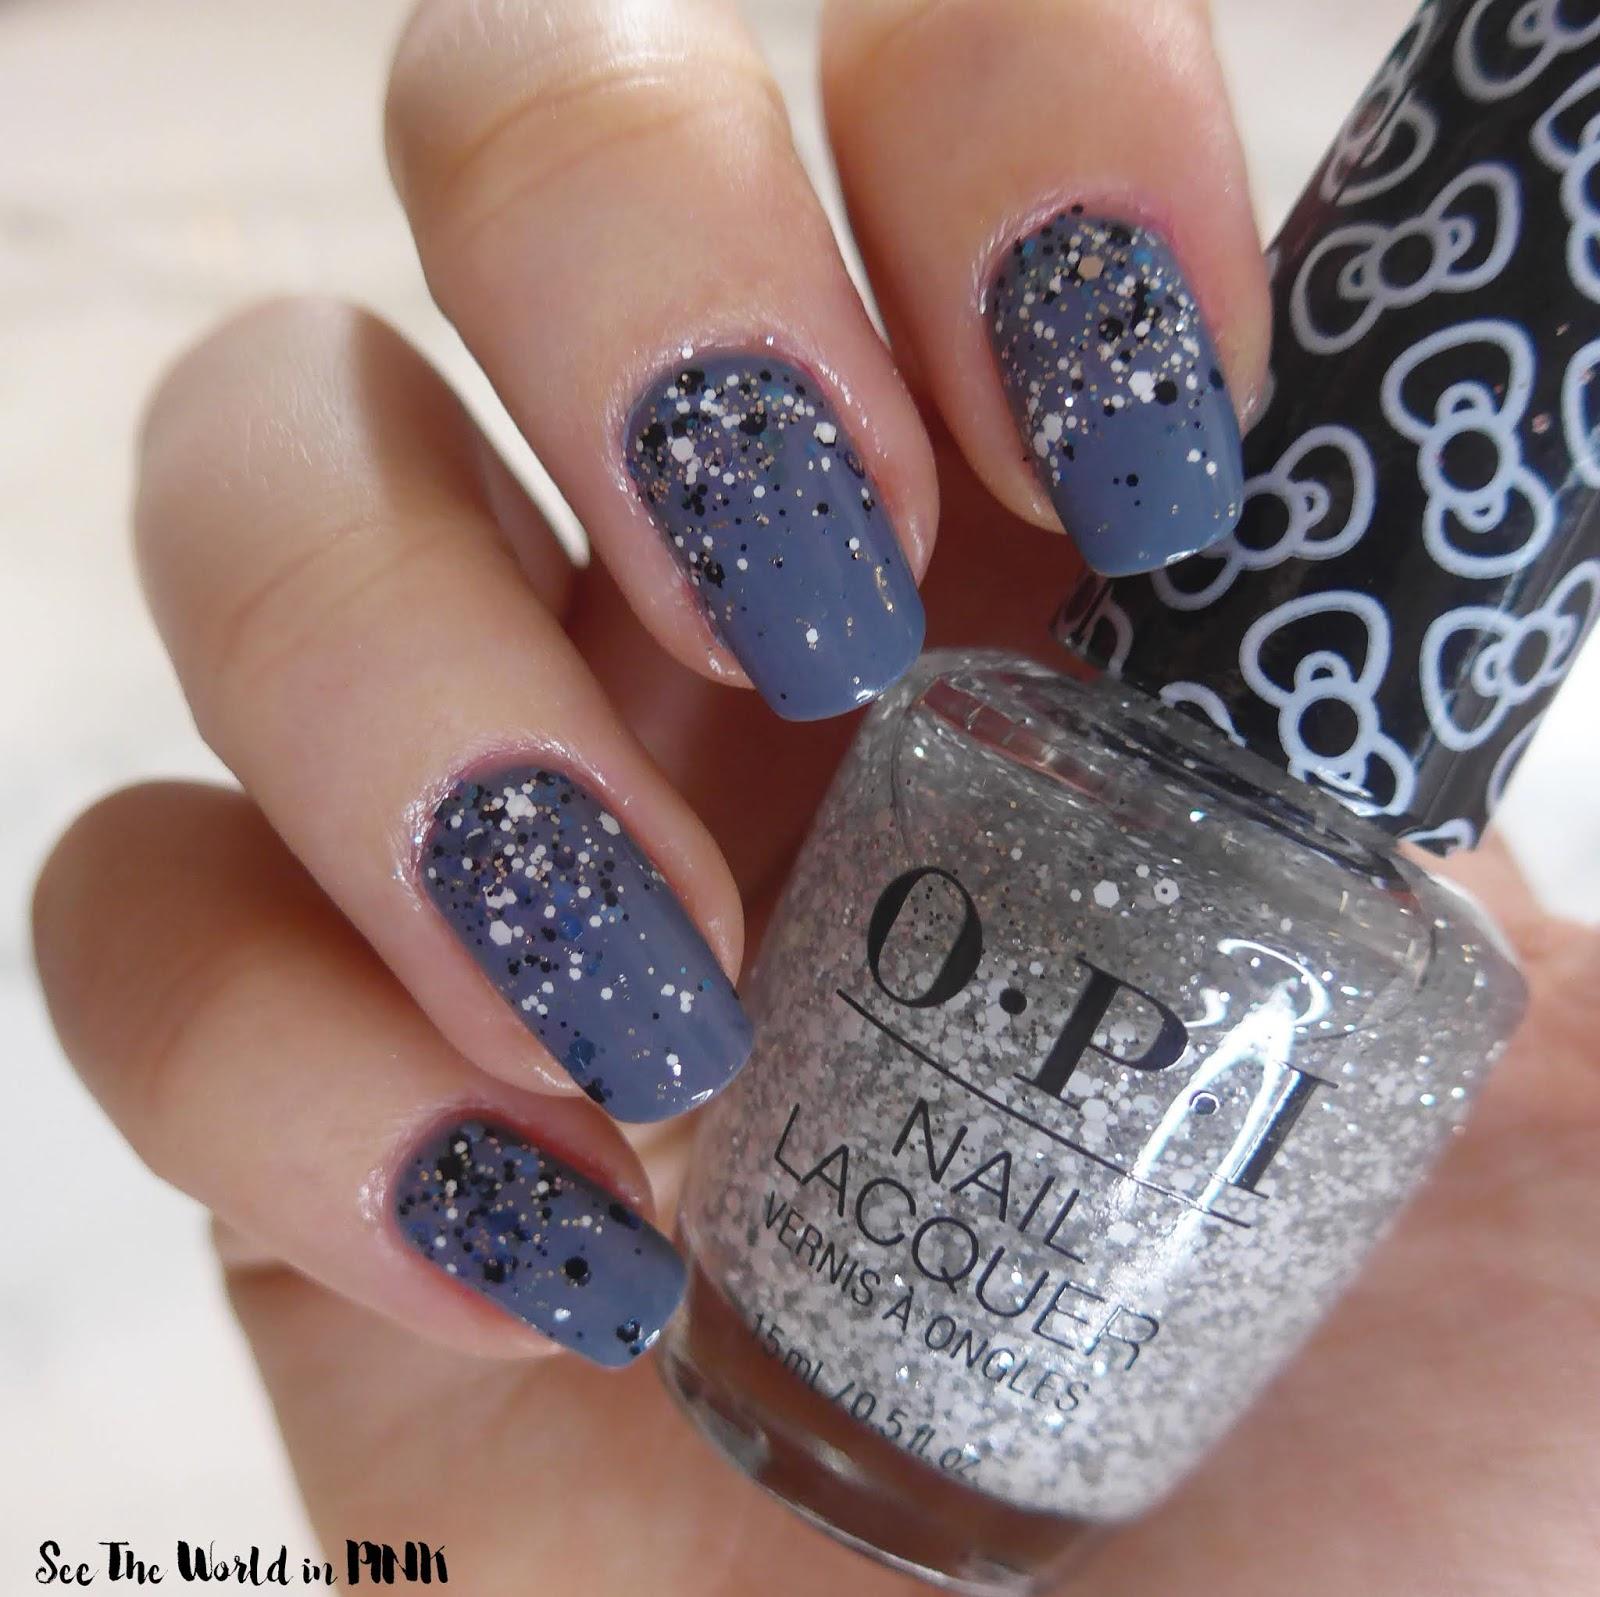 Manicure Monday - Winter Wonderland Nails!